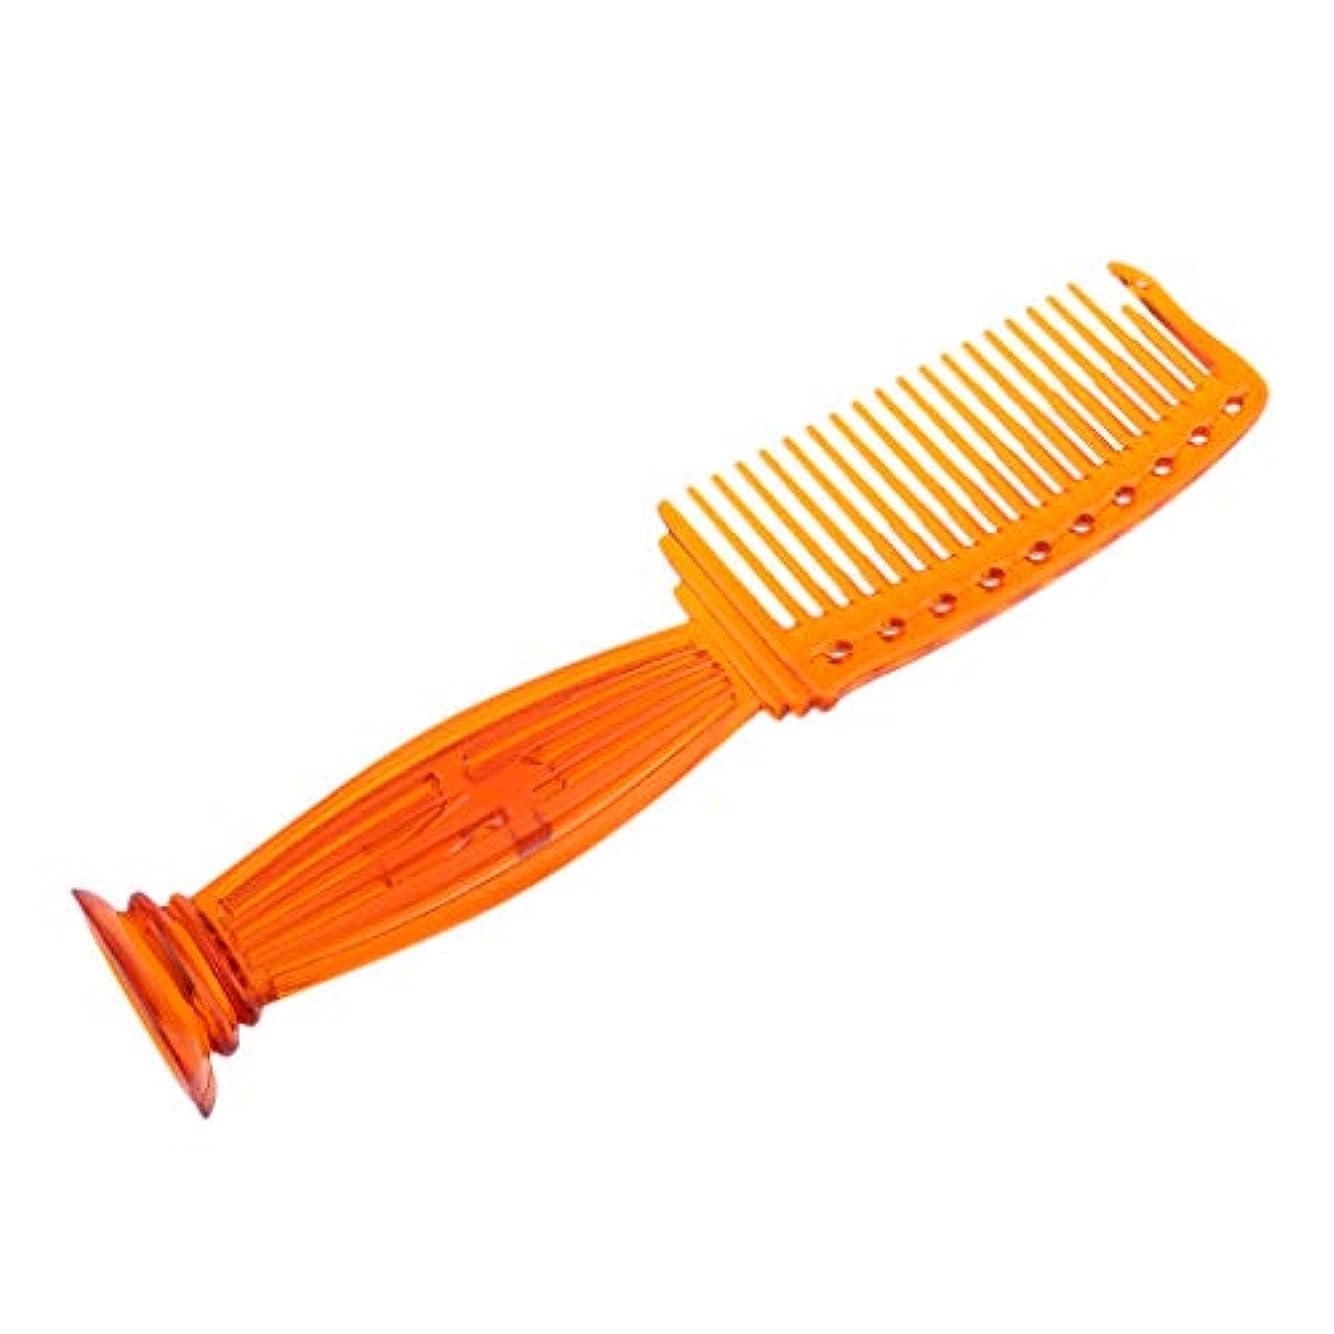 パノラマ再発する違反するヘアコーム ヘアブラシ プラスチック櫛 ワイド歯 プロ ヘアサロン 理髪師 全5色選べ - オレンジ